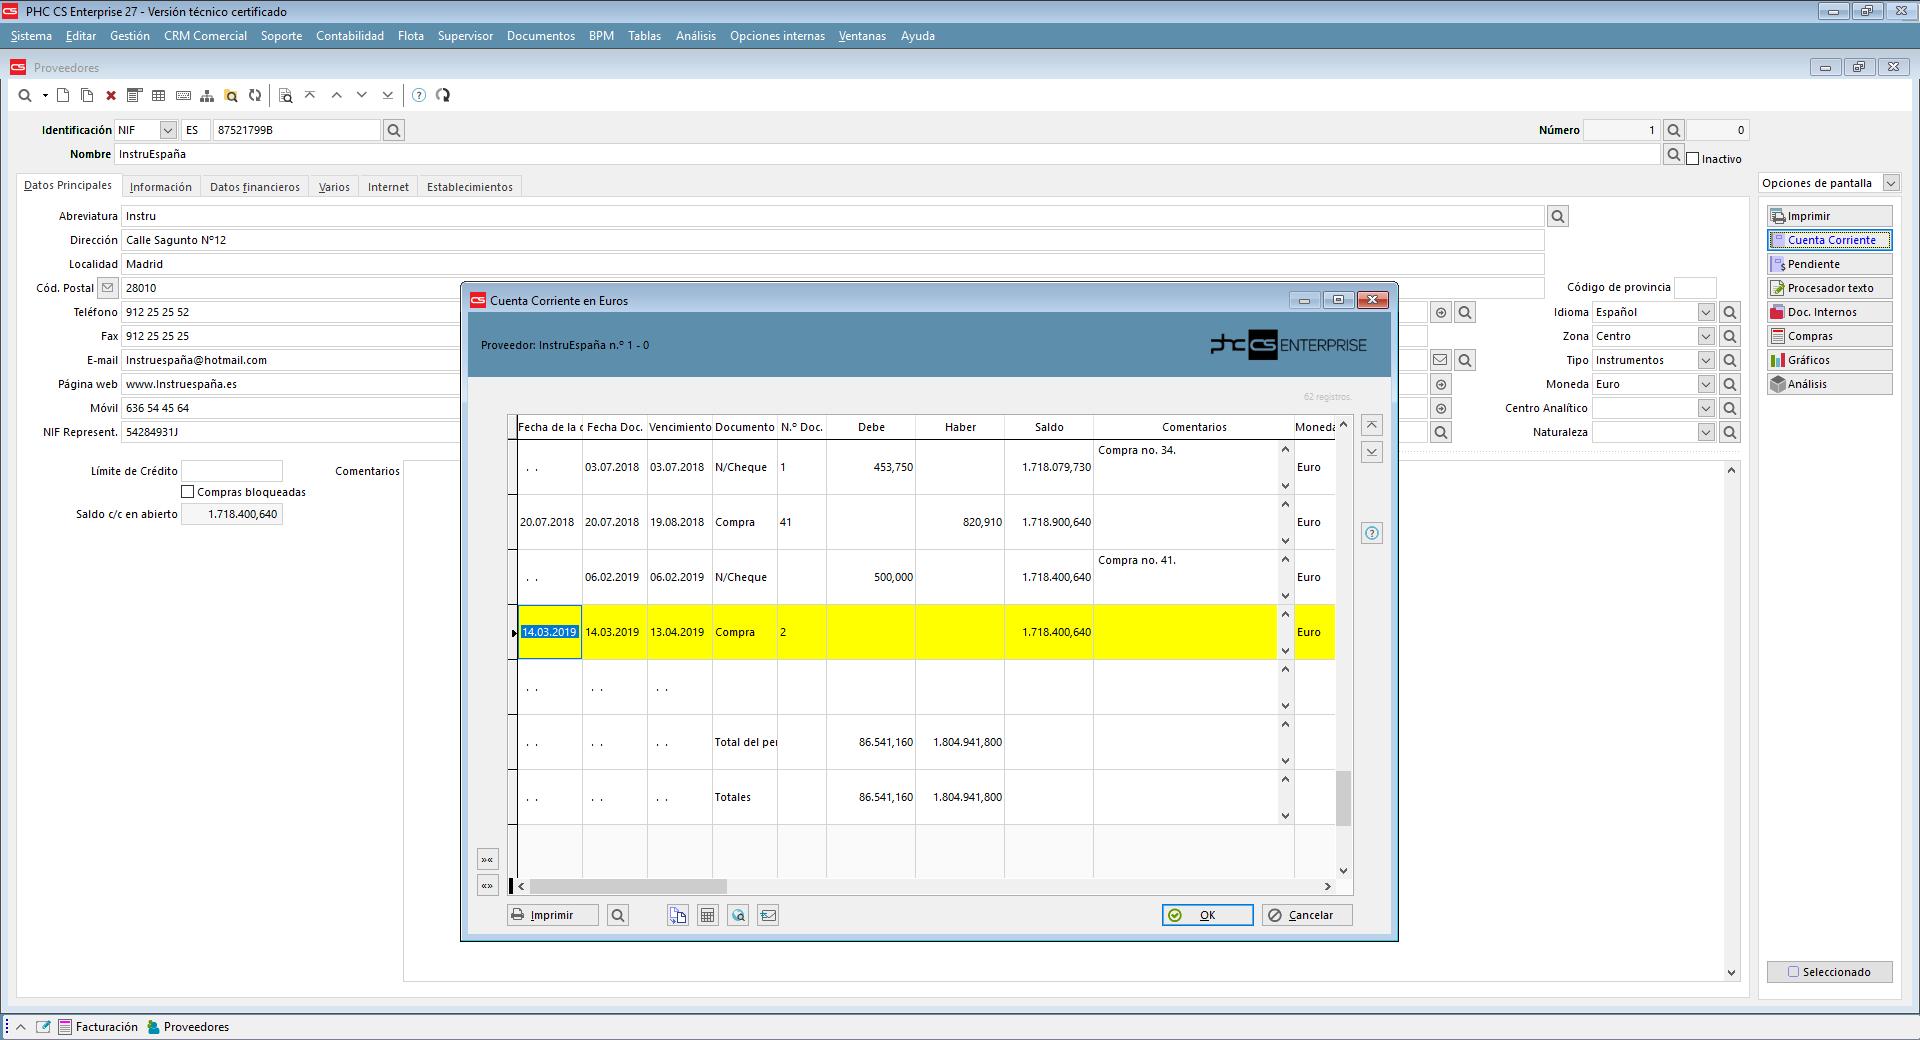 Gestión de cuentas corrientes de proveedores con Software de Gestión PHC